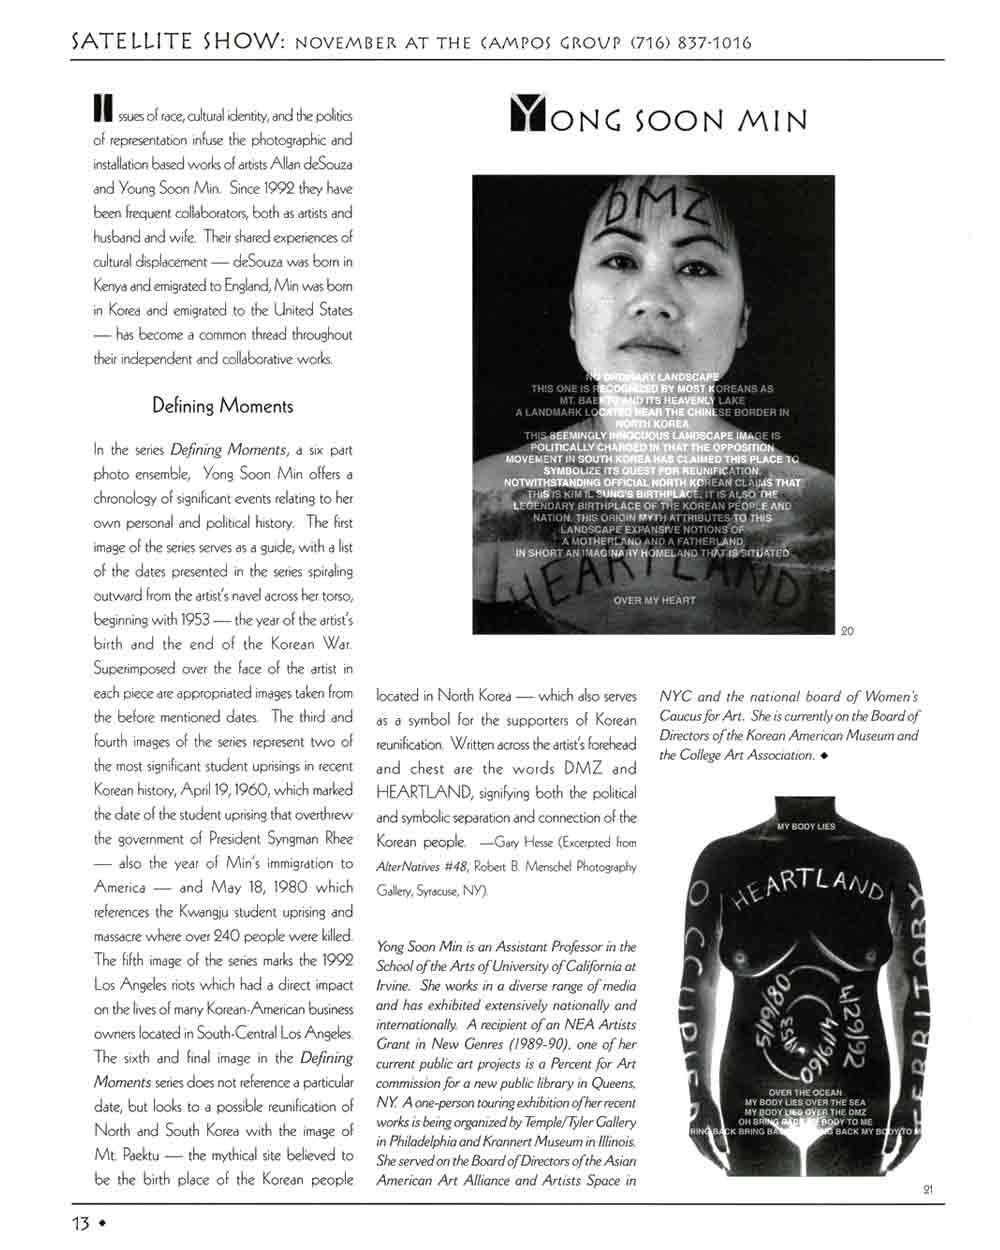 CEPA journal, pg 5